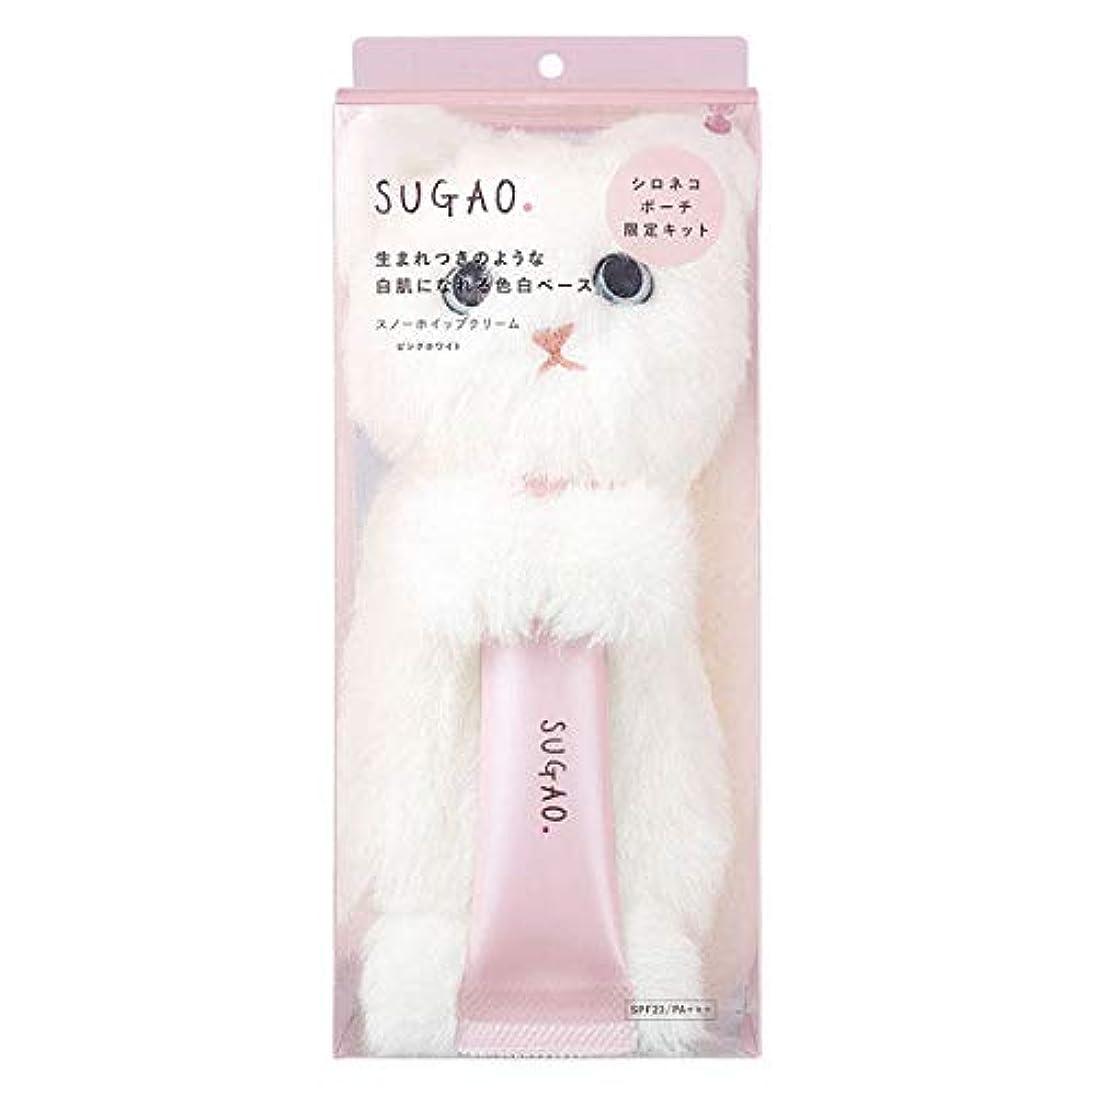 従う機知に富んだメキシコSUGAO(スガオ) スノーホイップクリーム ピンクホワイト 25g +シロネコぬいぐるみ付き ロート製薬 [並行輸入品]